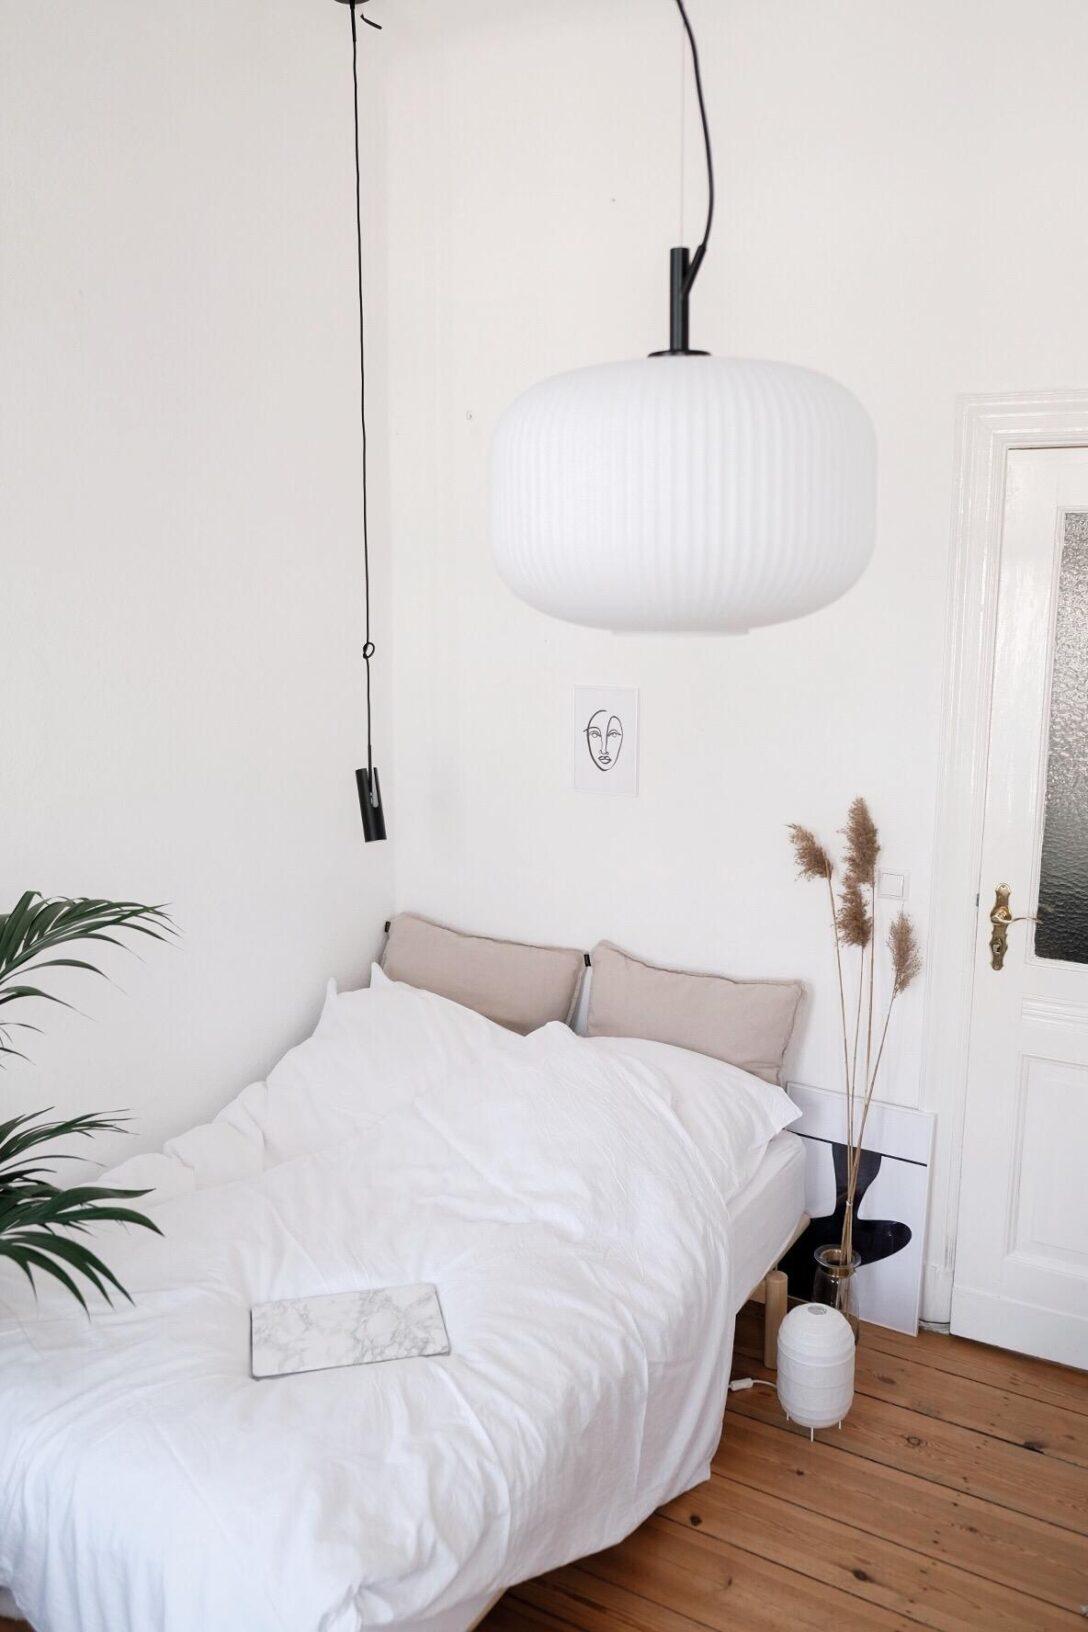 Large Size of Ideen Schlafzimmer Lampe Deckenleuchten Tipps Und Wohnideen Aus Der Community Deckenlampe Bad Lampen Led Komplett Weiß Komplettes Wandlampe Regal Badezimmer Wohnzimmer Ideen Schlafzimmer Lampe